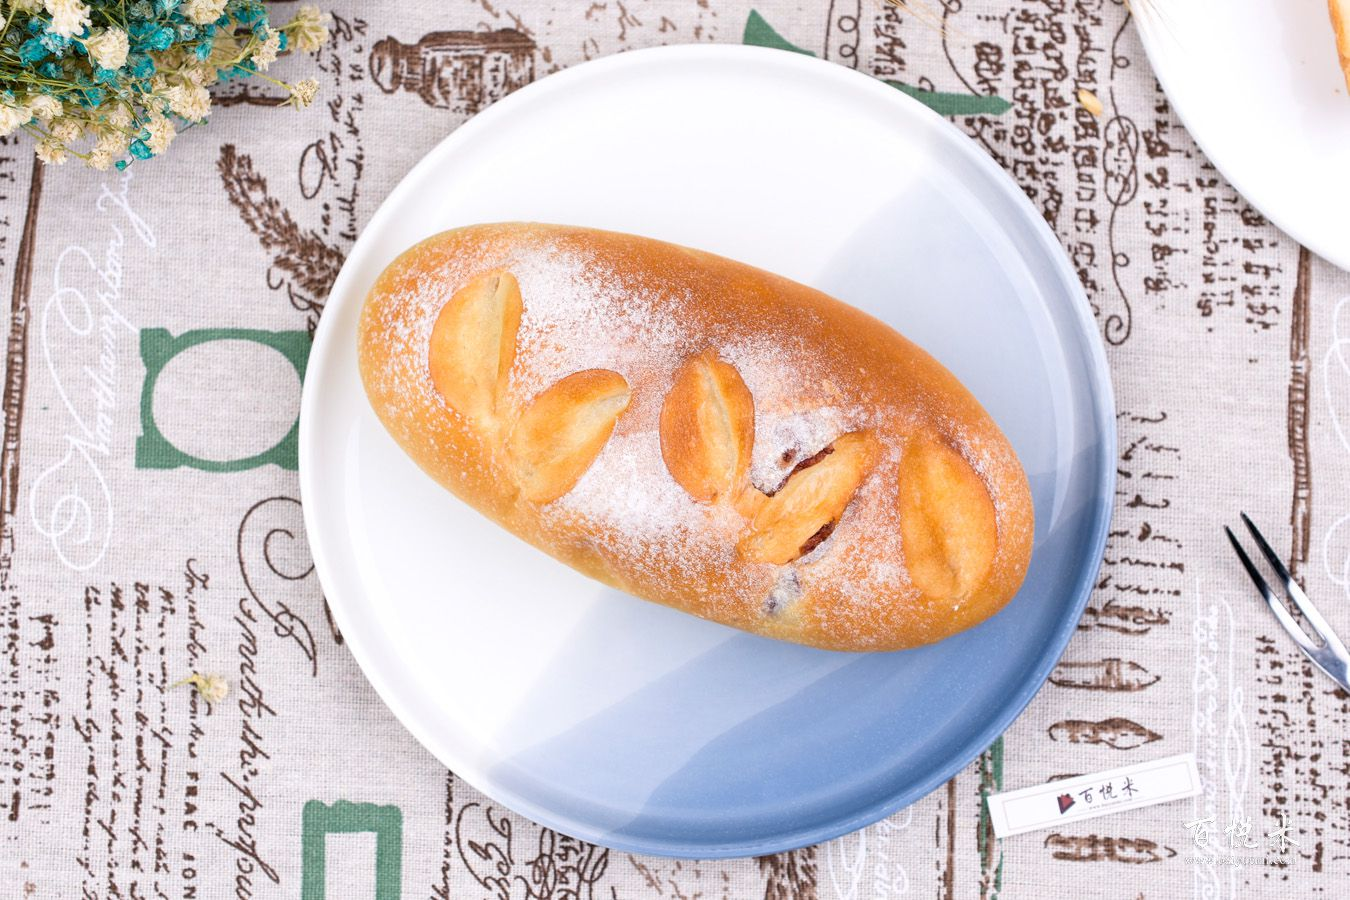 蔓越莓面包的做法大全,蔓越莓面包西点培训图文教程分享